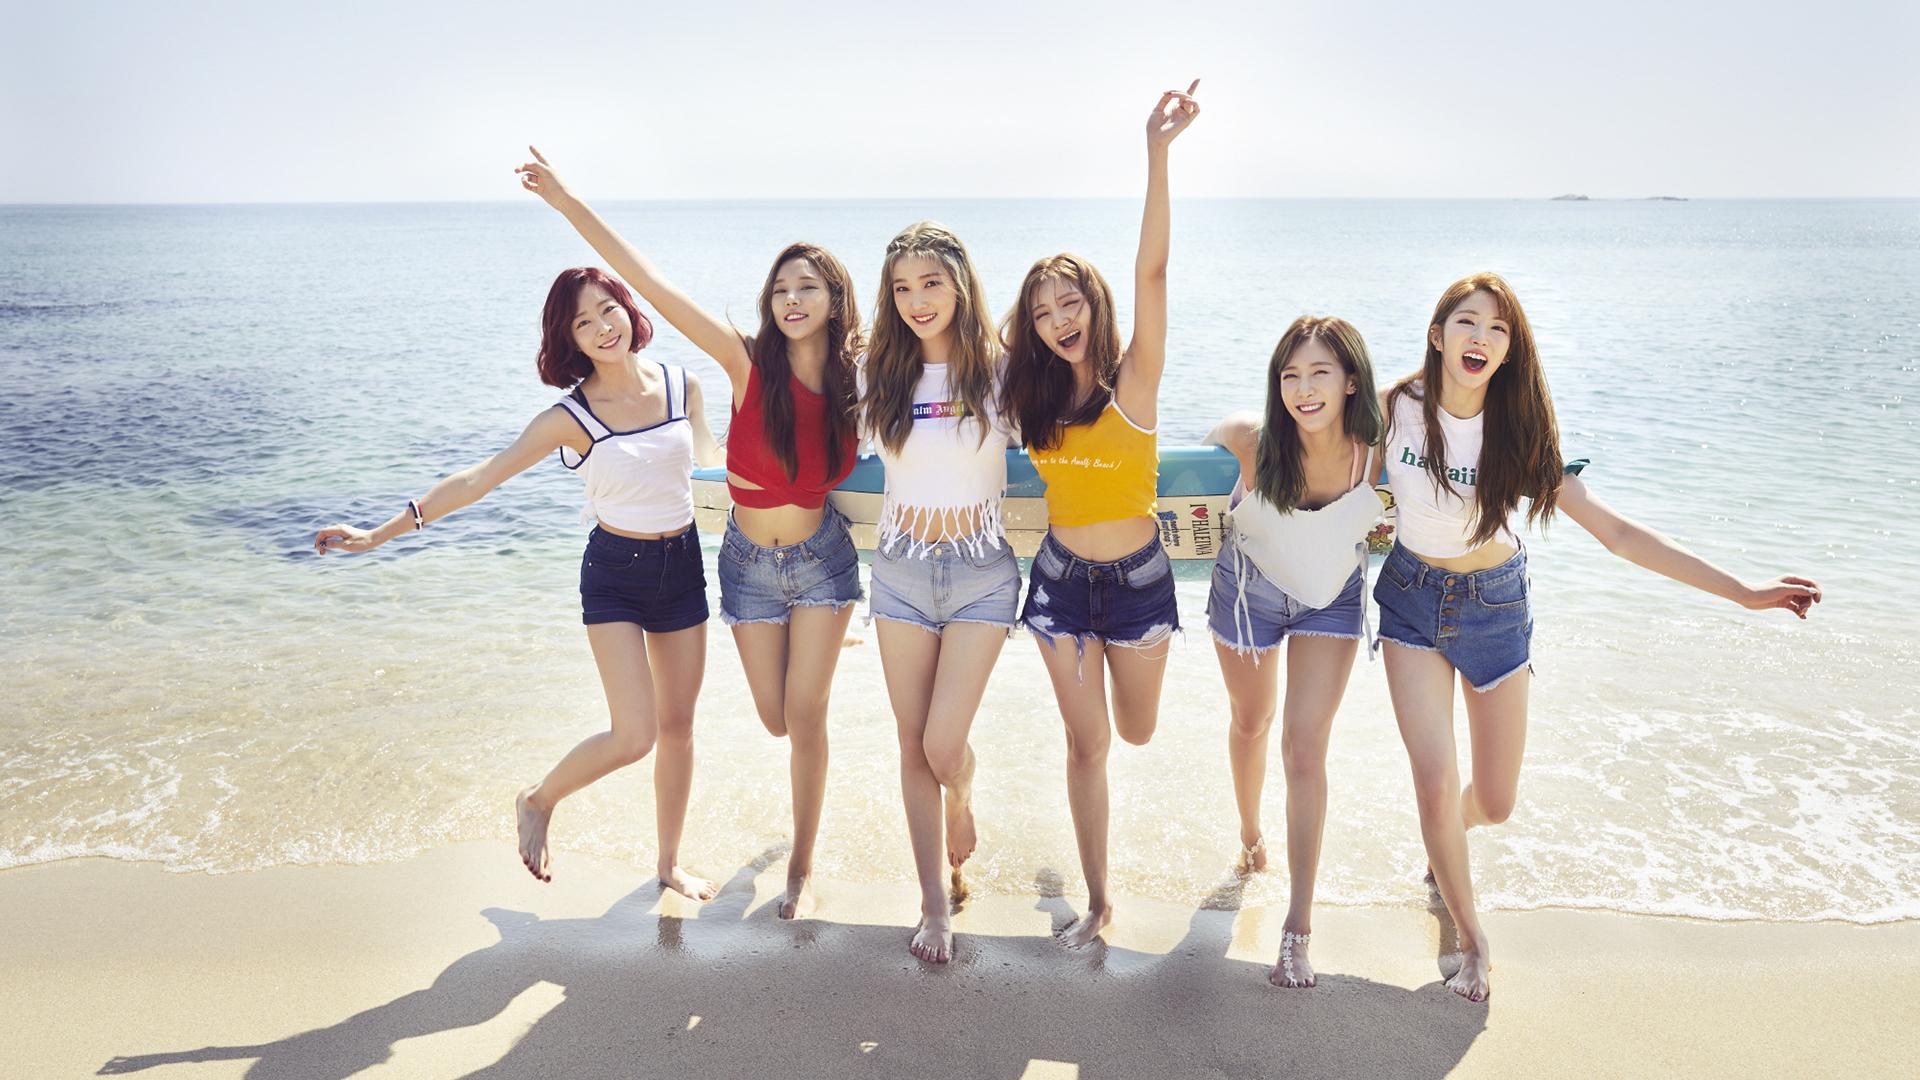 Woman K Pop Korean Asian Girl Band Beach Ocean Sea Brunette Shorts Smile Singer 1920x1080